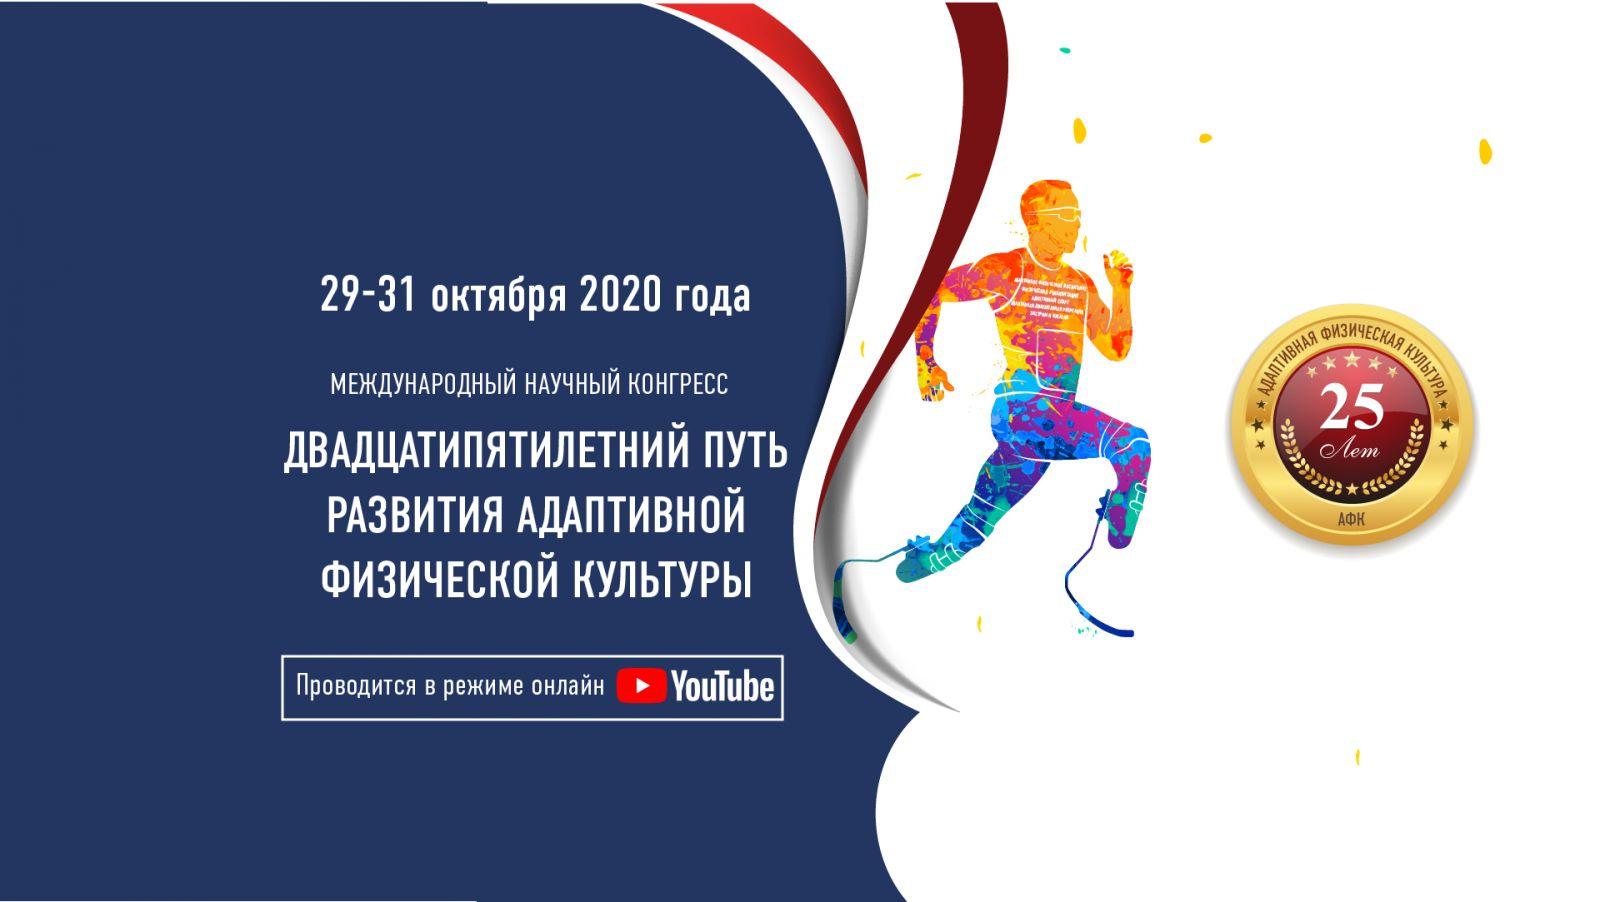 Г.З. Идрисова приняла участие в Международном научном конгрессе «25-летний путь развития адаптивной физической культуры»